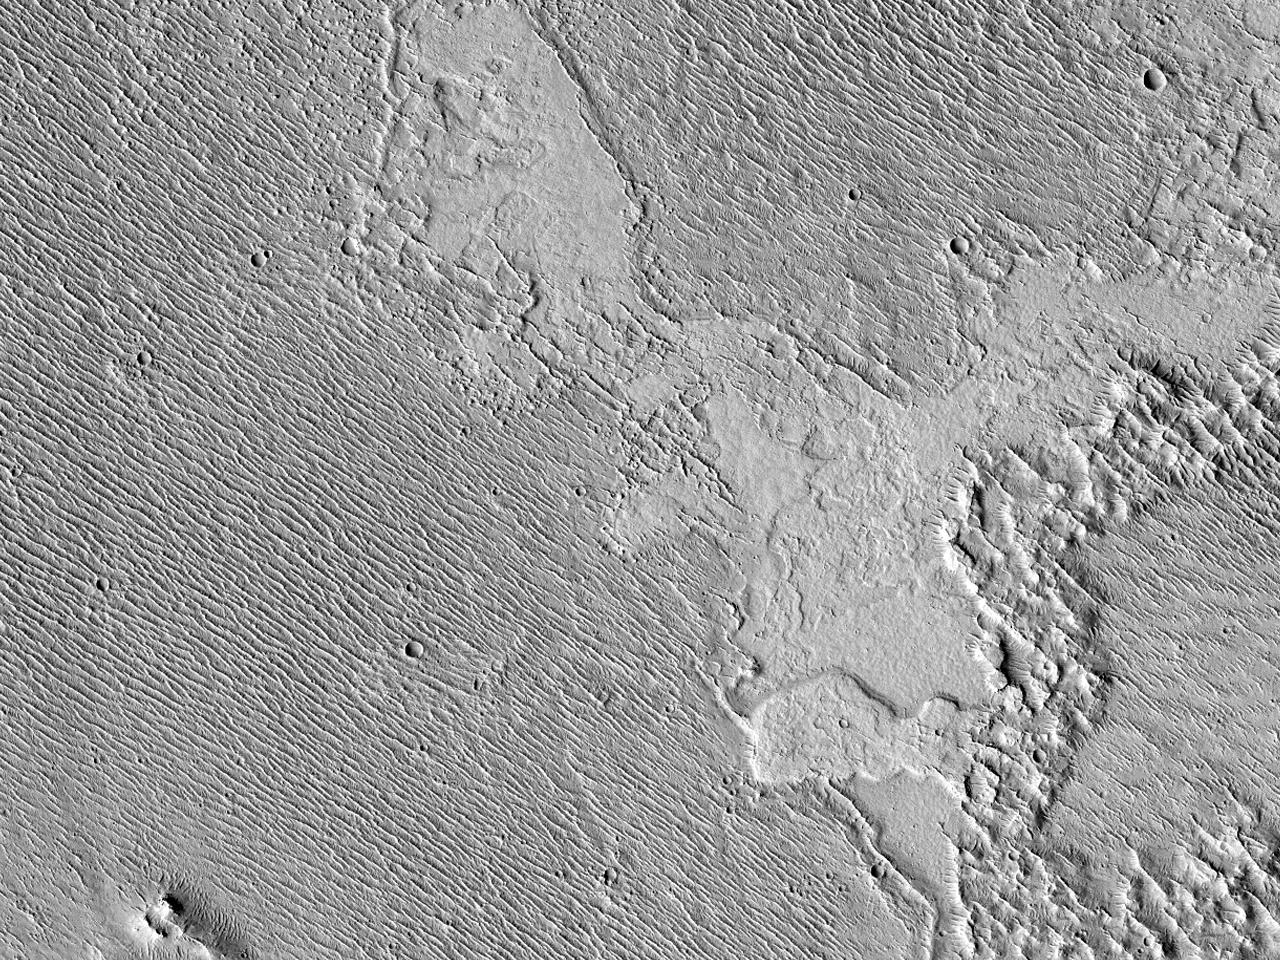 مرتفعات، قناة، وخزان تدفقات بركانية قديم